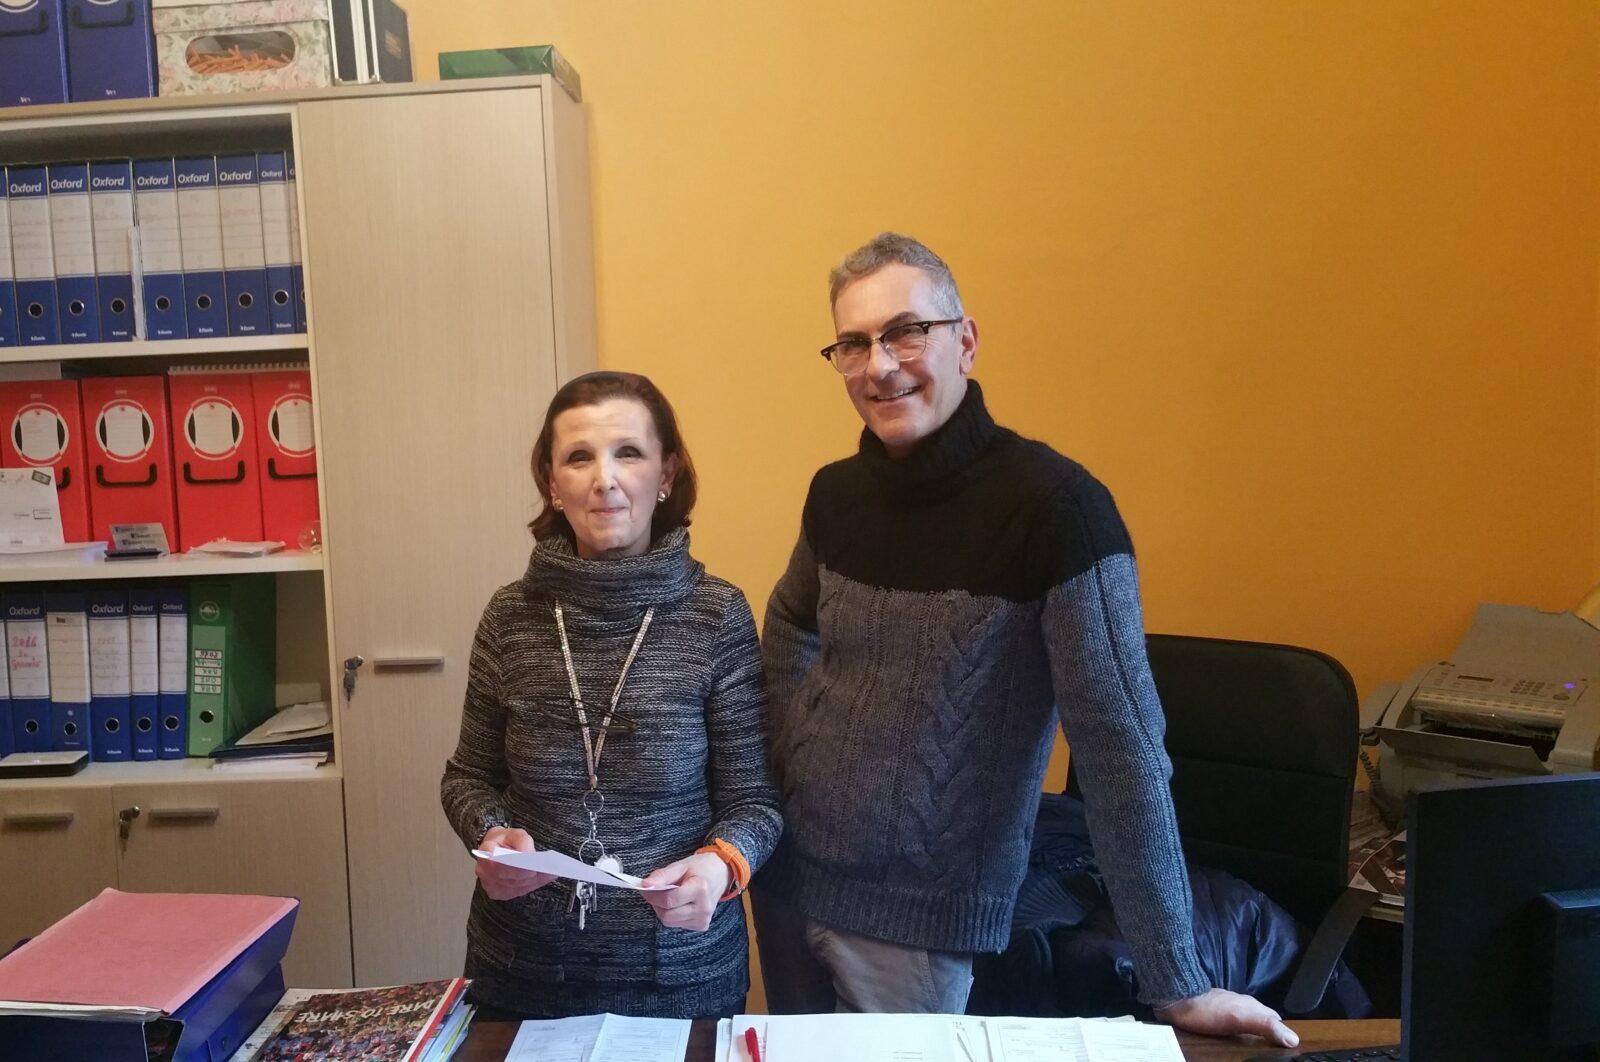 I nostri volontari Carla, Claudio e Graziella al posto di combattimento!